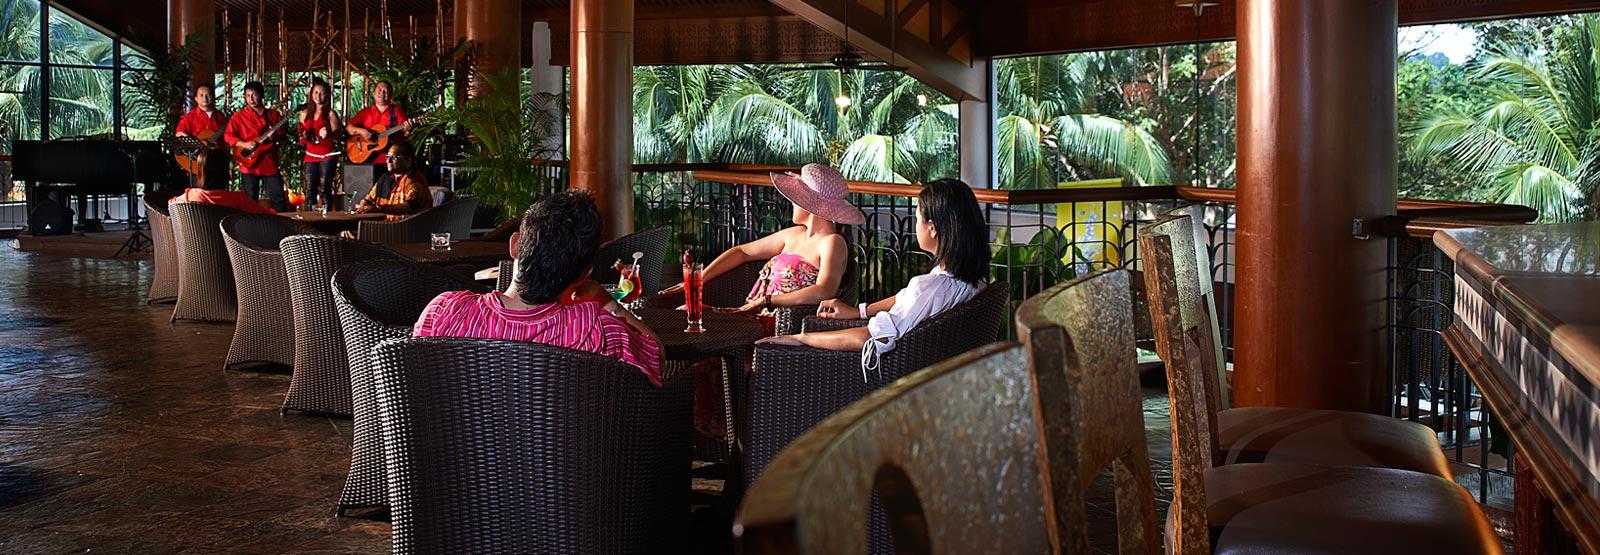 Langkawi Restaurant | Dining at Berjaya Langkawi Resort Malaysia